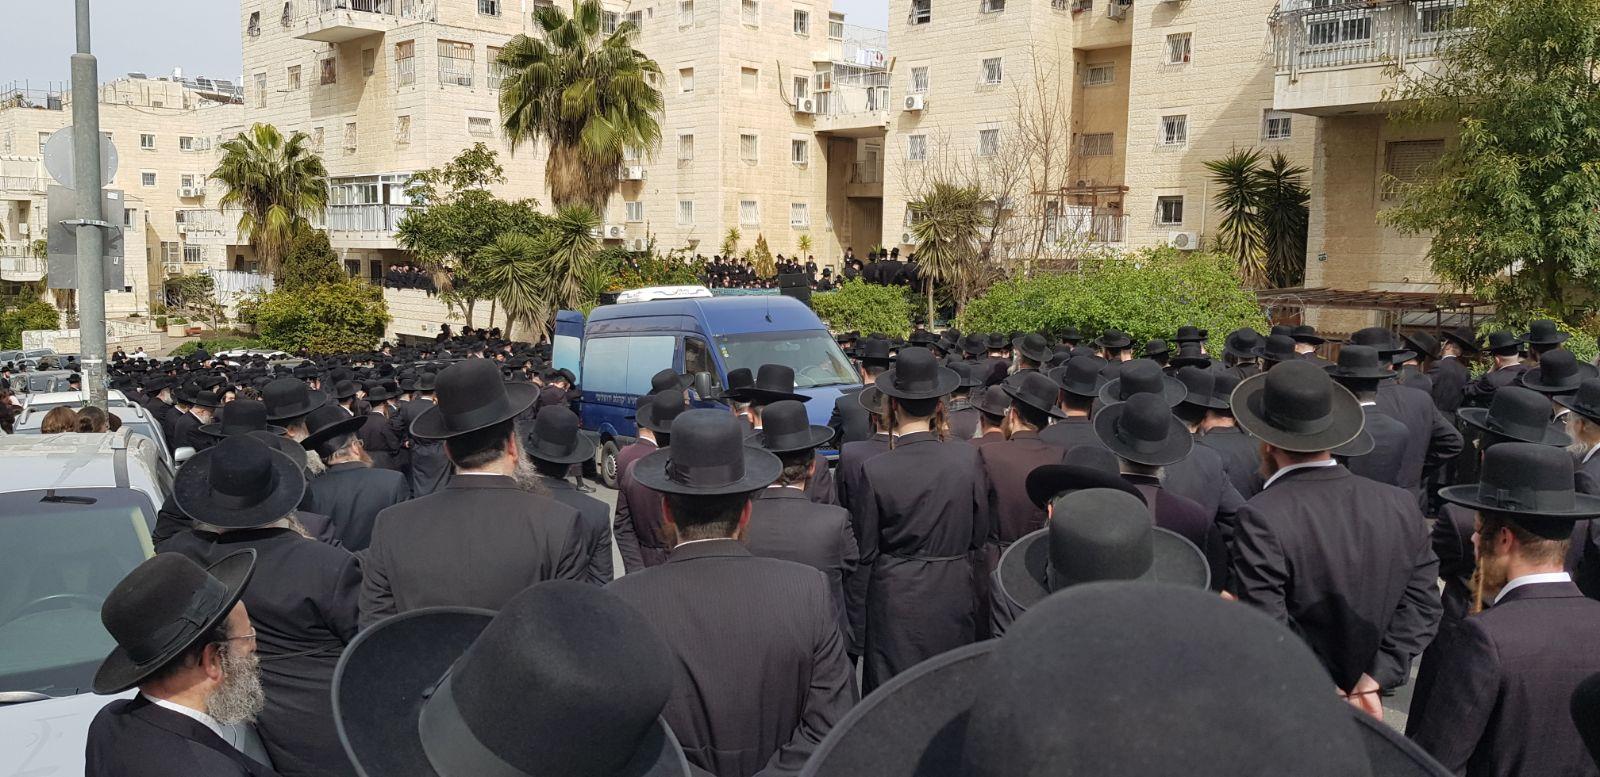 אלפי חסידים ליוו למנוחות את הרבנית הצעירה